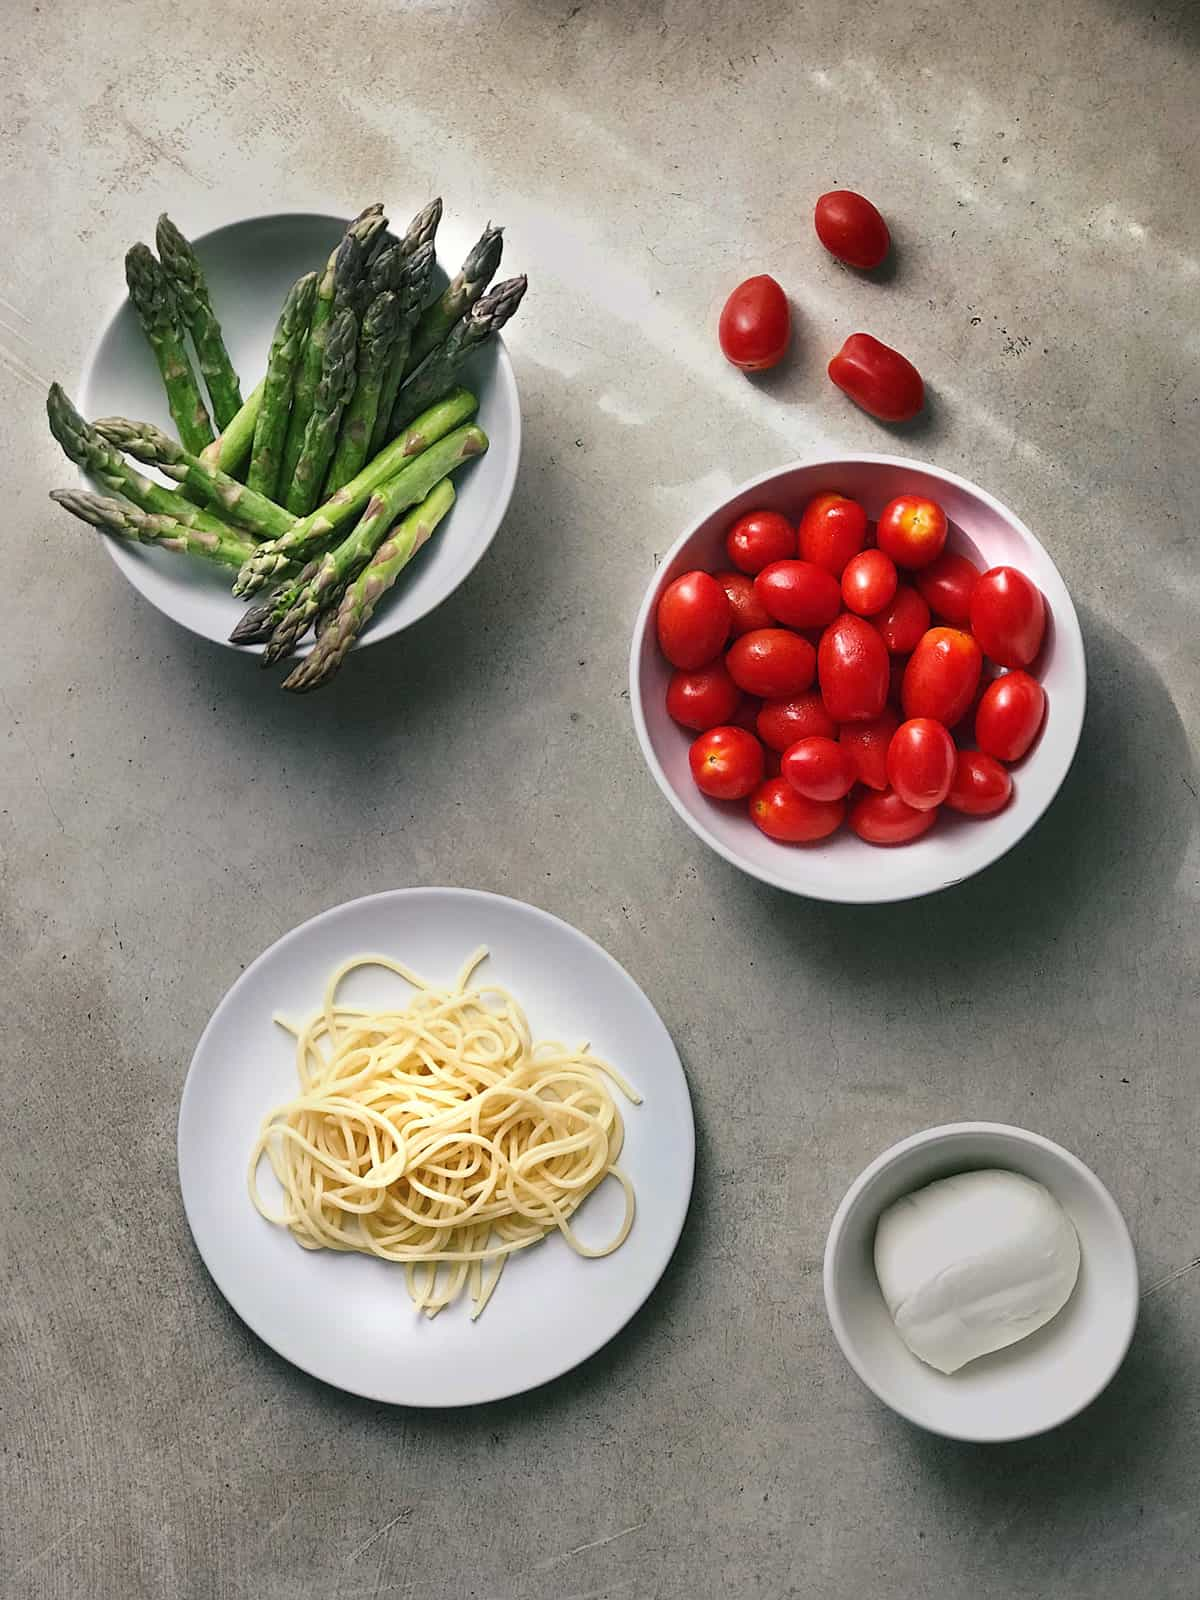 ¿Cómo hacer una ensalada de tomate?